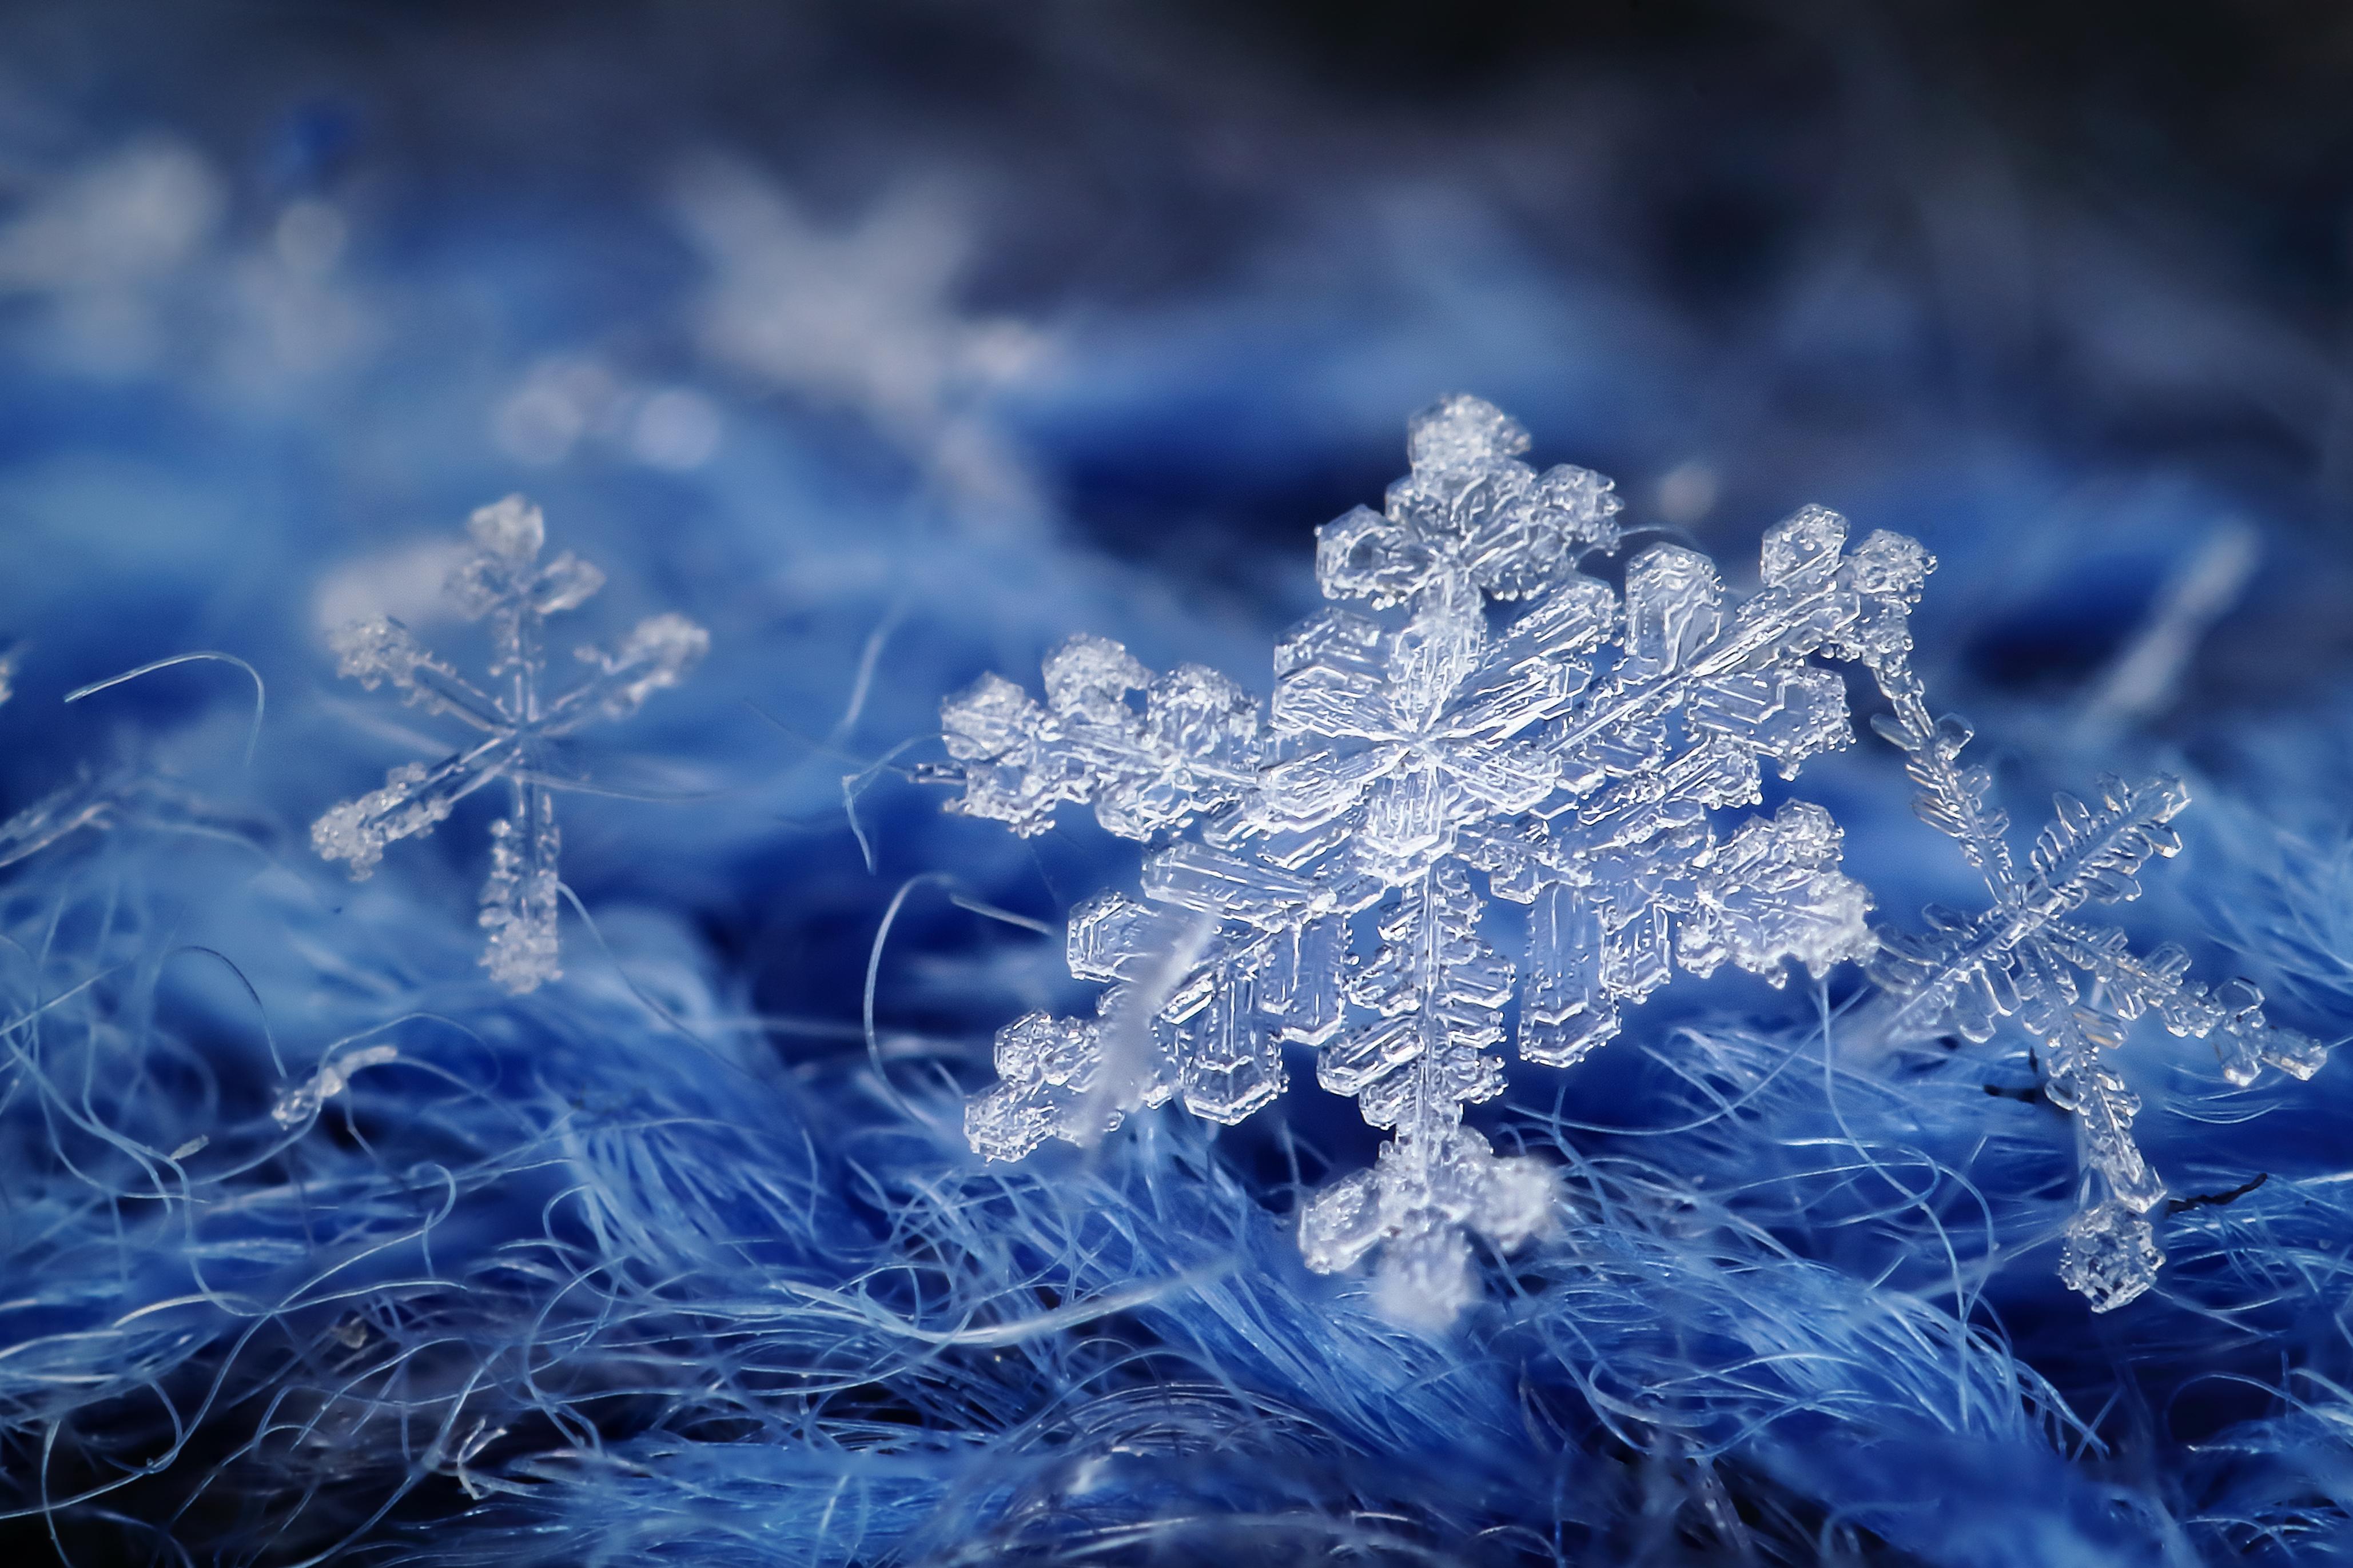 своими руками картинки зима природа снежинки как будто некоторые